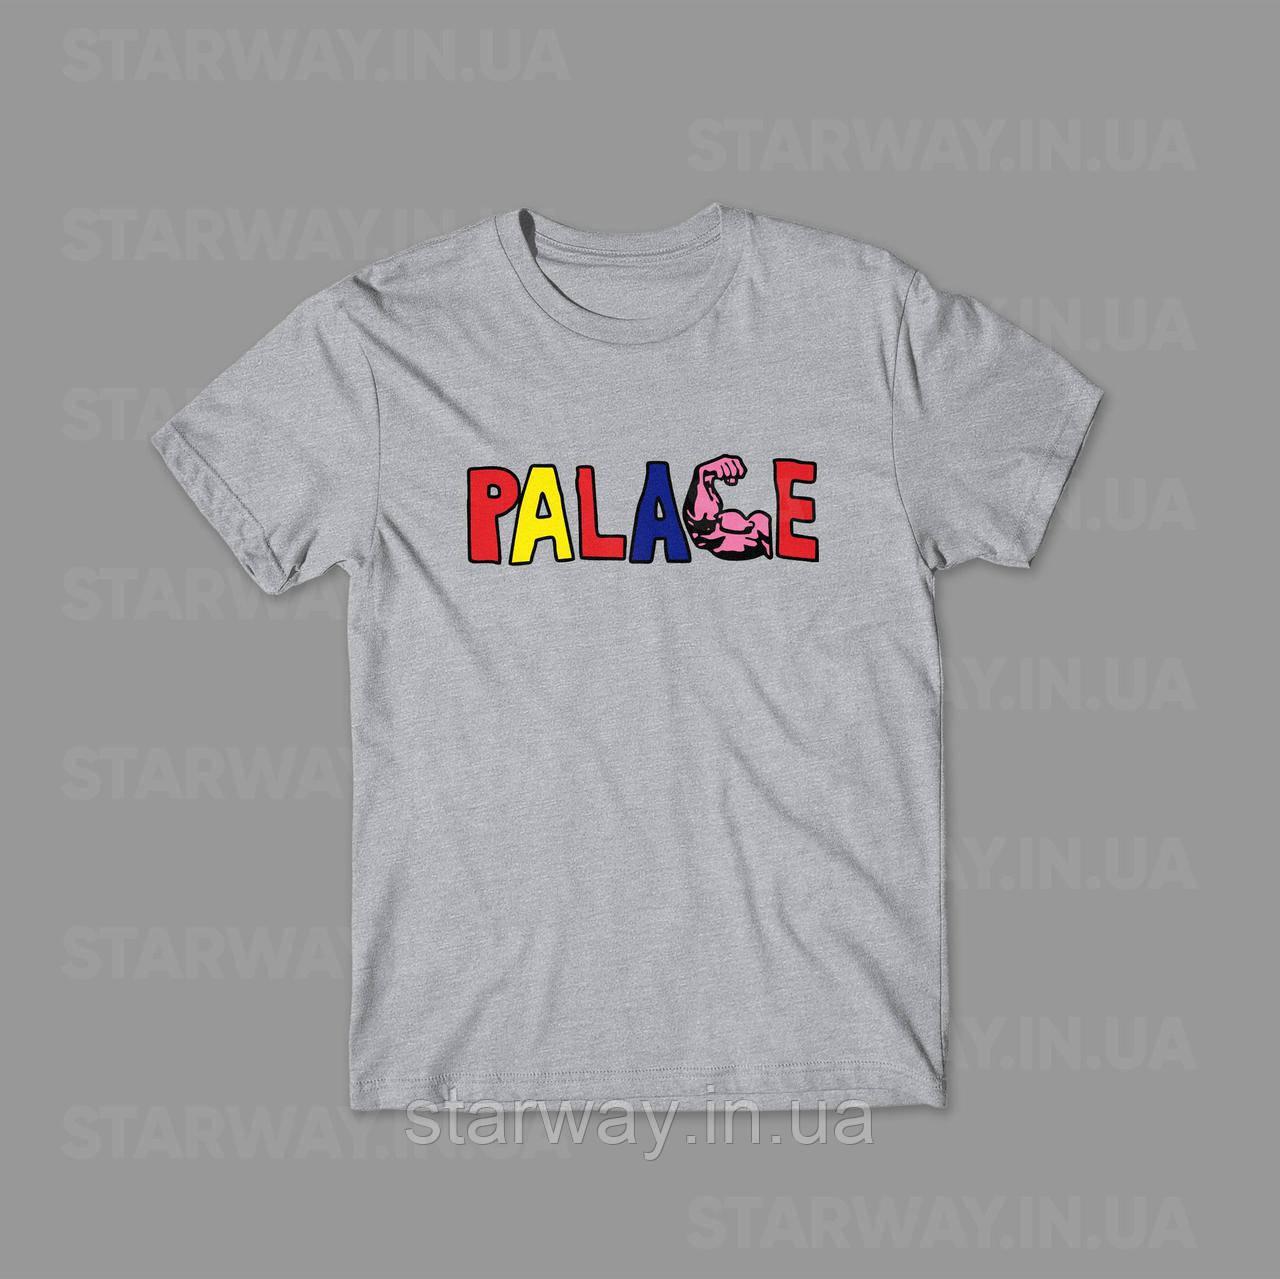 Футболка стильная | Palace Gym logo